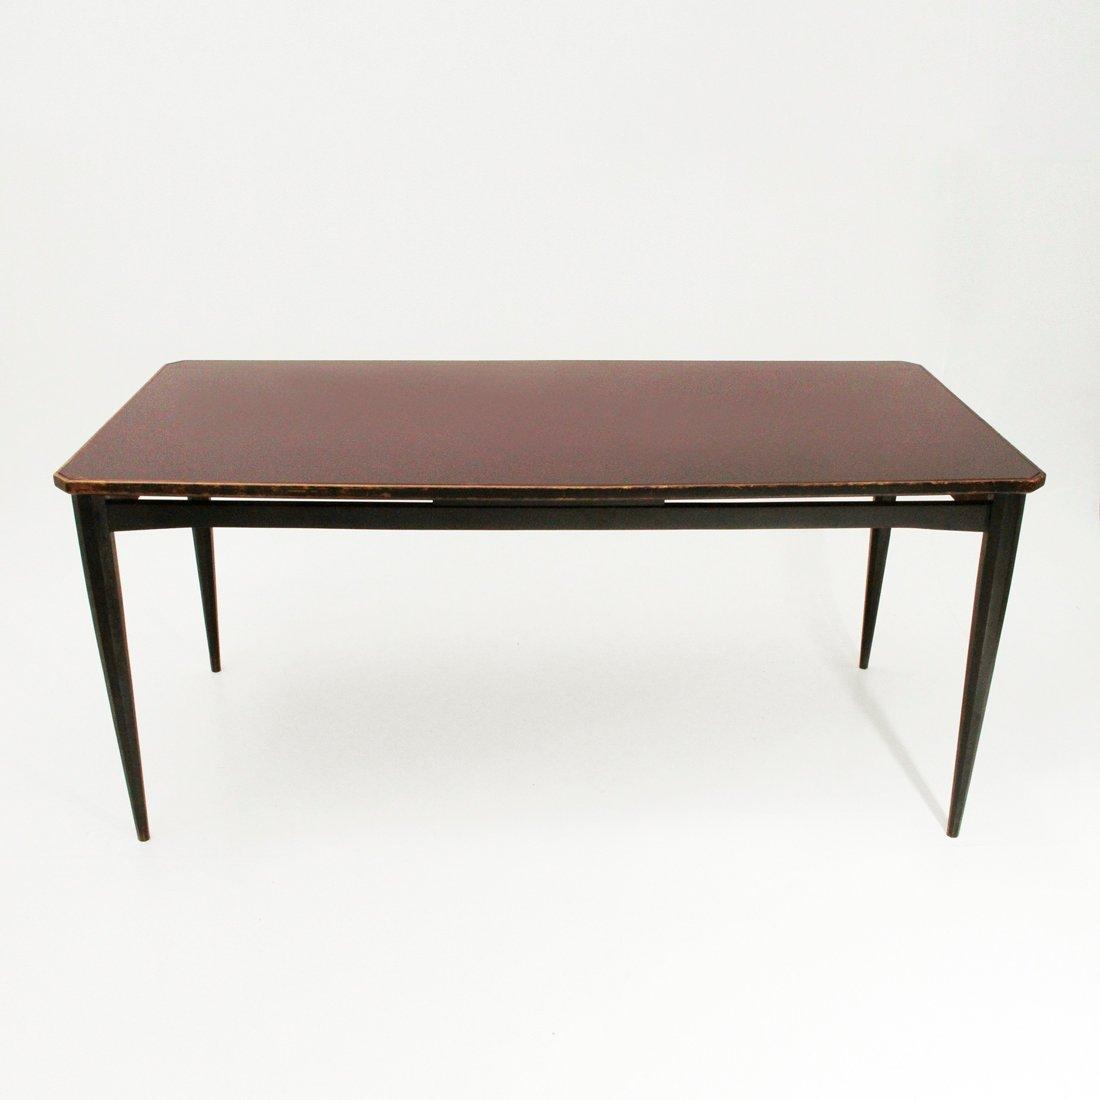 Table de salle manger avec plateau de verre italie - Table salle a manger plateau verre ...